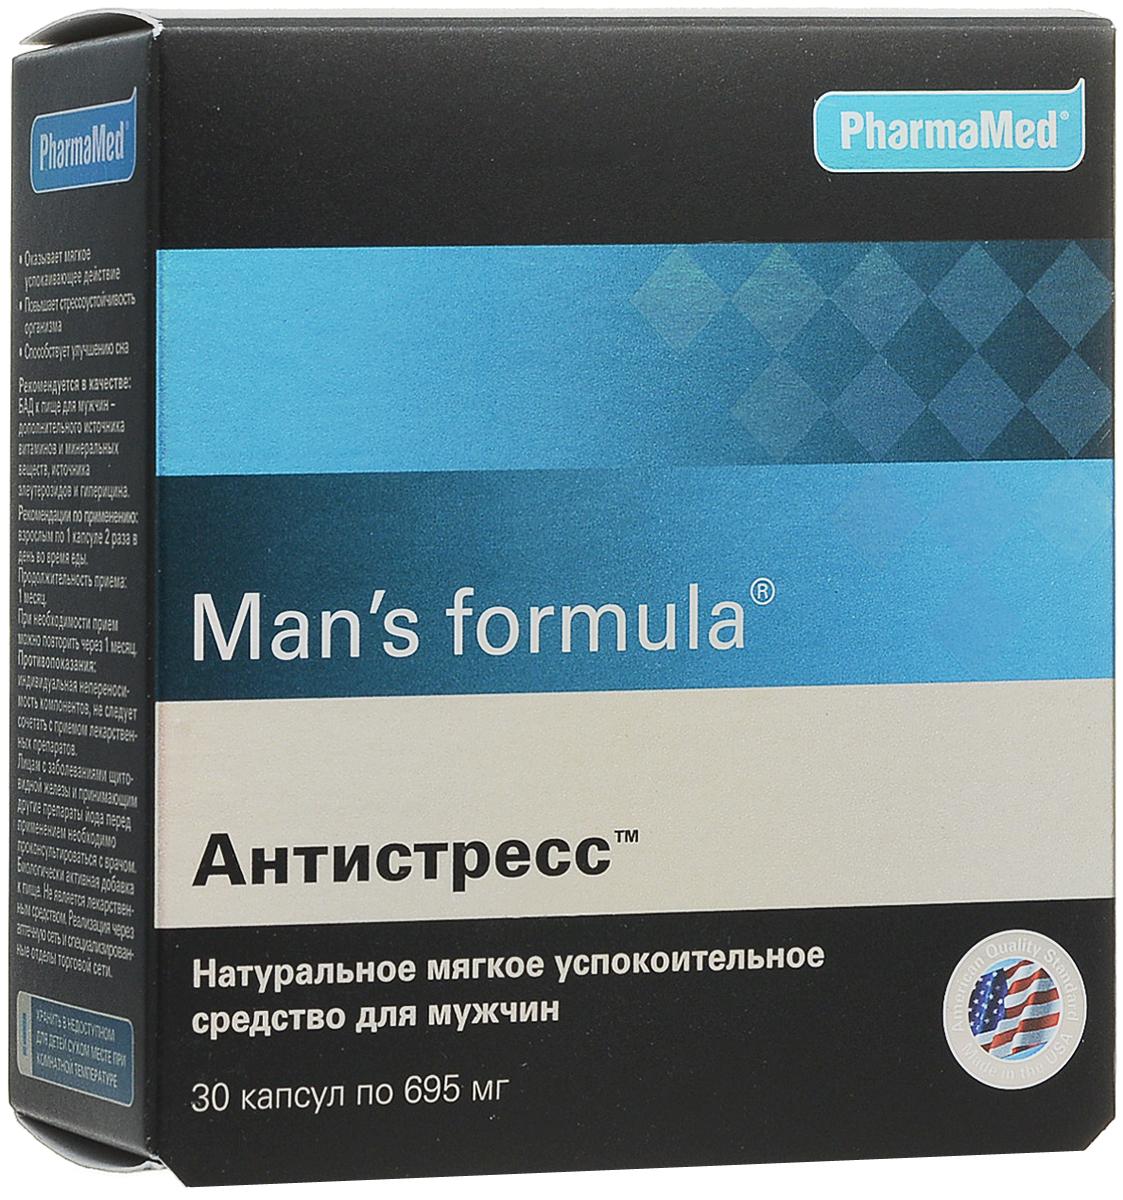 Биокомплекс Mans formula Антистресс, 695 мг х 30 капсул217517Можно ли избавиться от стресса, не прибегая к использованию лекарств? На сегодняшний день одним из самых безопасных и эффективных способов справиться со стрессом является натуральный комплекс Mans formula Антистресс. Созданный с учетом особенностей мужского организма, он устраняет разрушающее воздействие стрессов. Благодаря сбалансированному составу Mans formula Антистресс обогащает организм именно теми витаминами и микроэлементами, которые наиболее быстро сгорают во время стресса, Действие комплекса Антистресс усиленно растительными компонентами, которые обеспечивают максимальную эффективность при сохранении высокой безопасности применения. Mans formula Антистресс быстро снимает эмоциональное напряжение, поднимает настроение, повышает работоспособность, нормализует сон. Натуральный состав и отсутствие побочных эффектов позволяет рекомендовать Антистресс для длительного и безопасного применения мужчинам разного возраста. Mans formula Антистресс - сильное решение успешного мужчины!Товар сертифицирован.